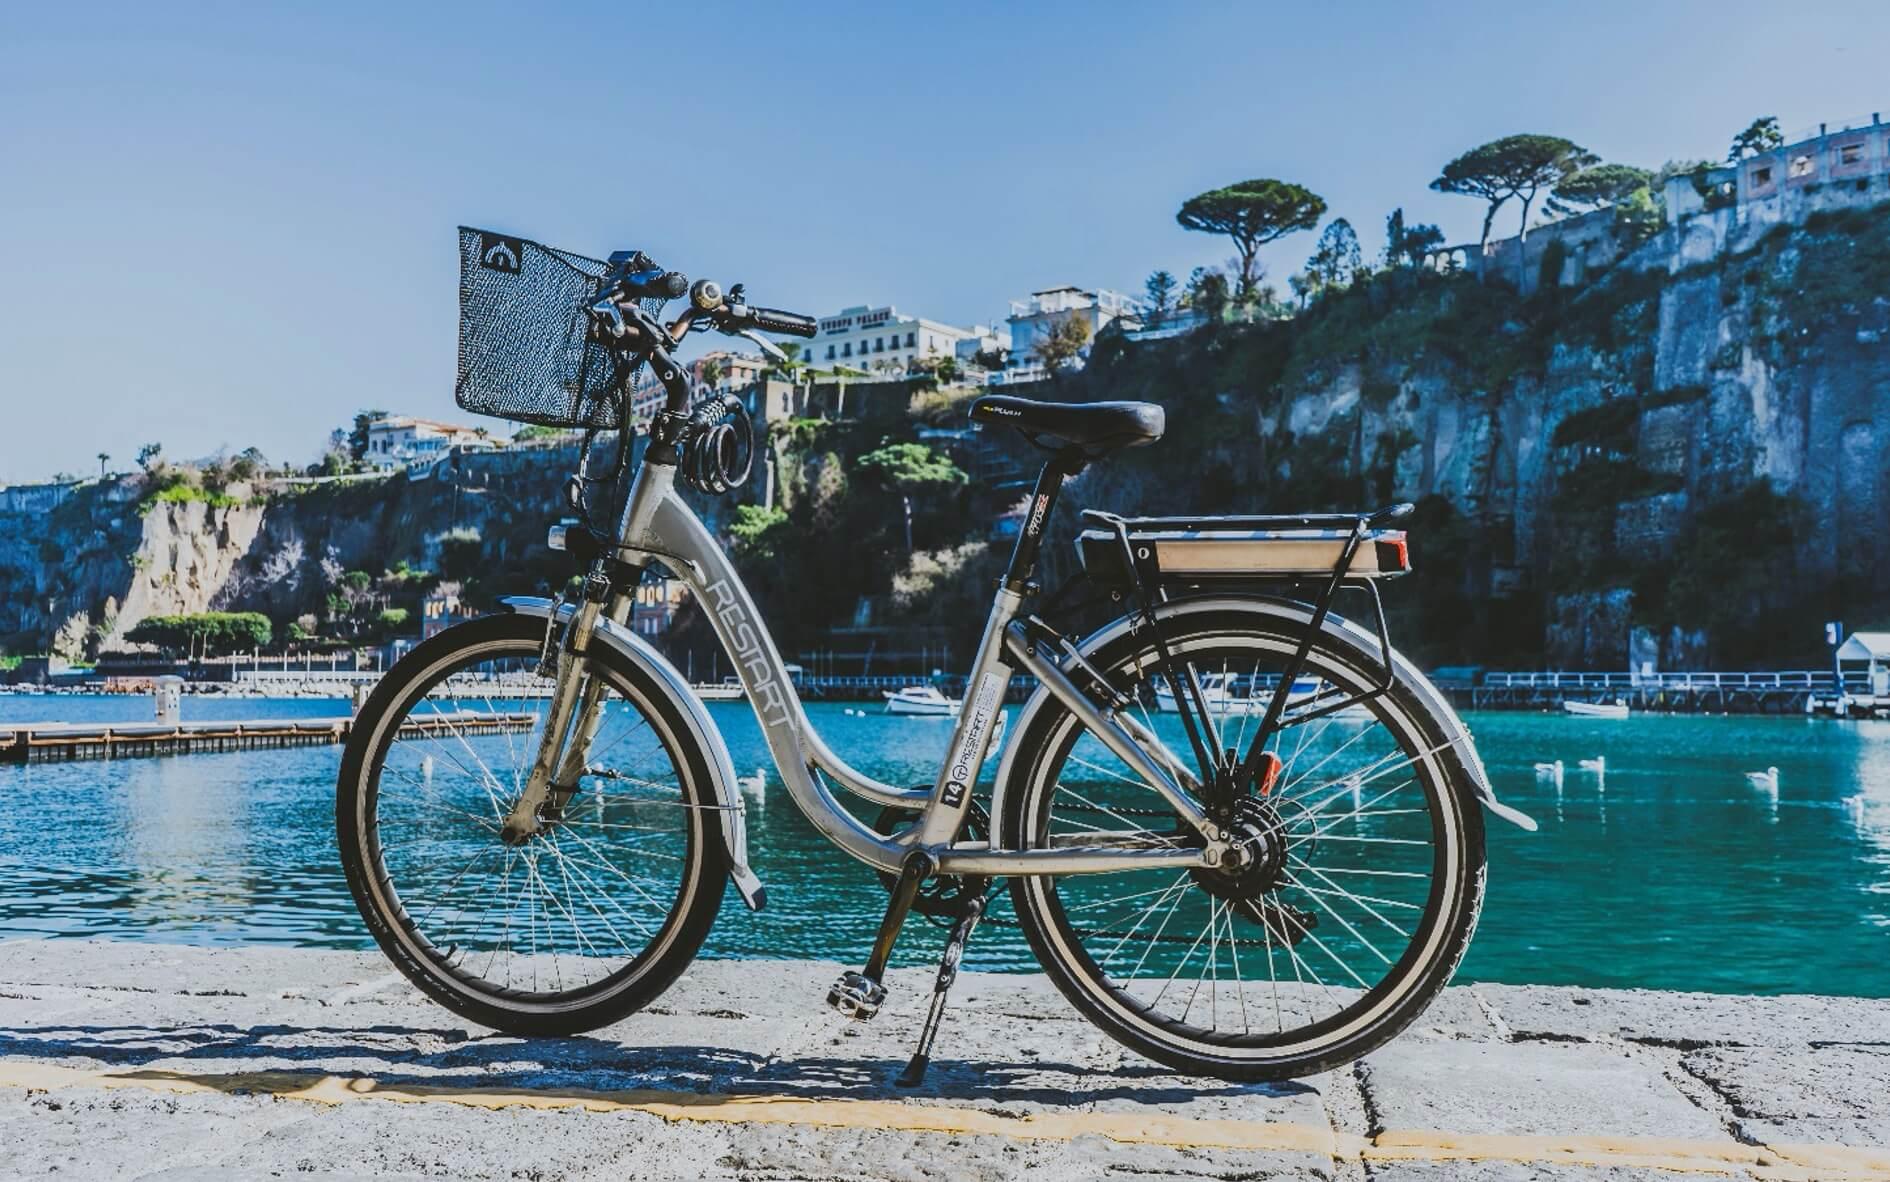 Visit the Amalfi Coast by bike